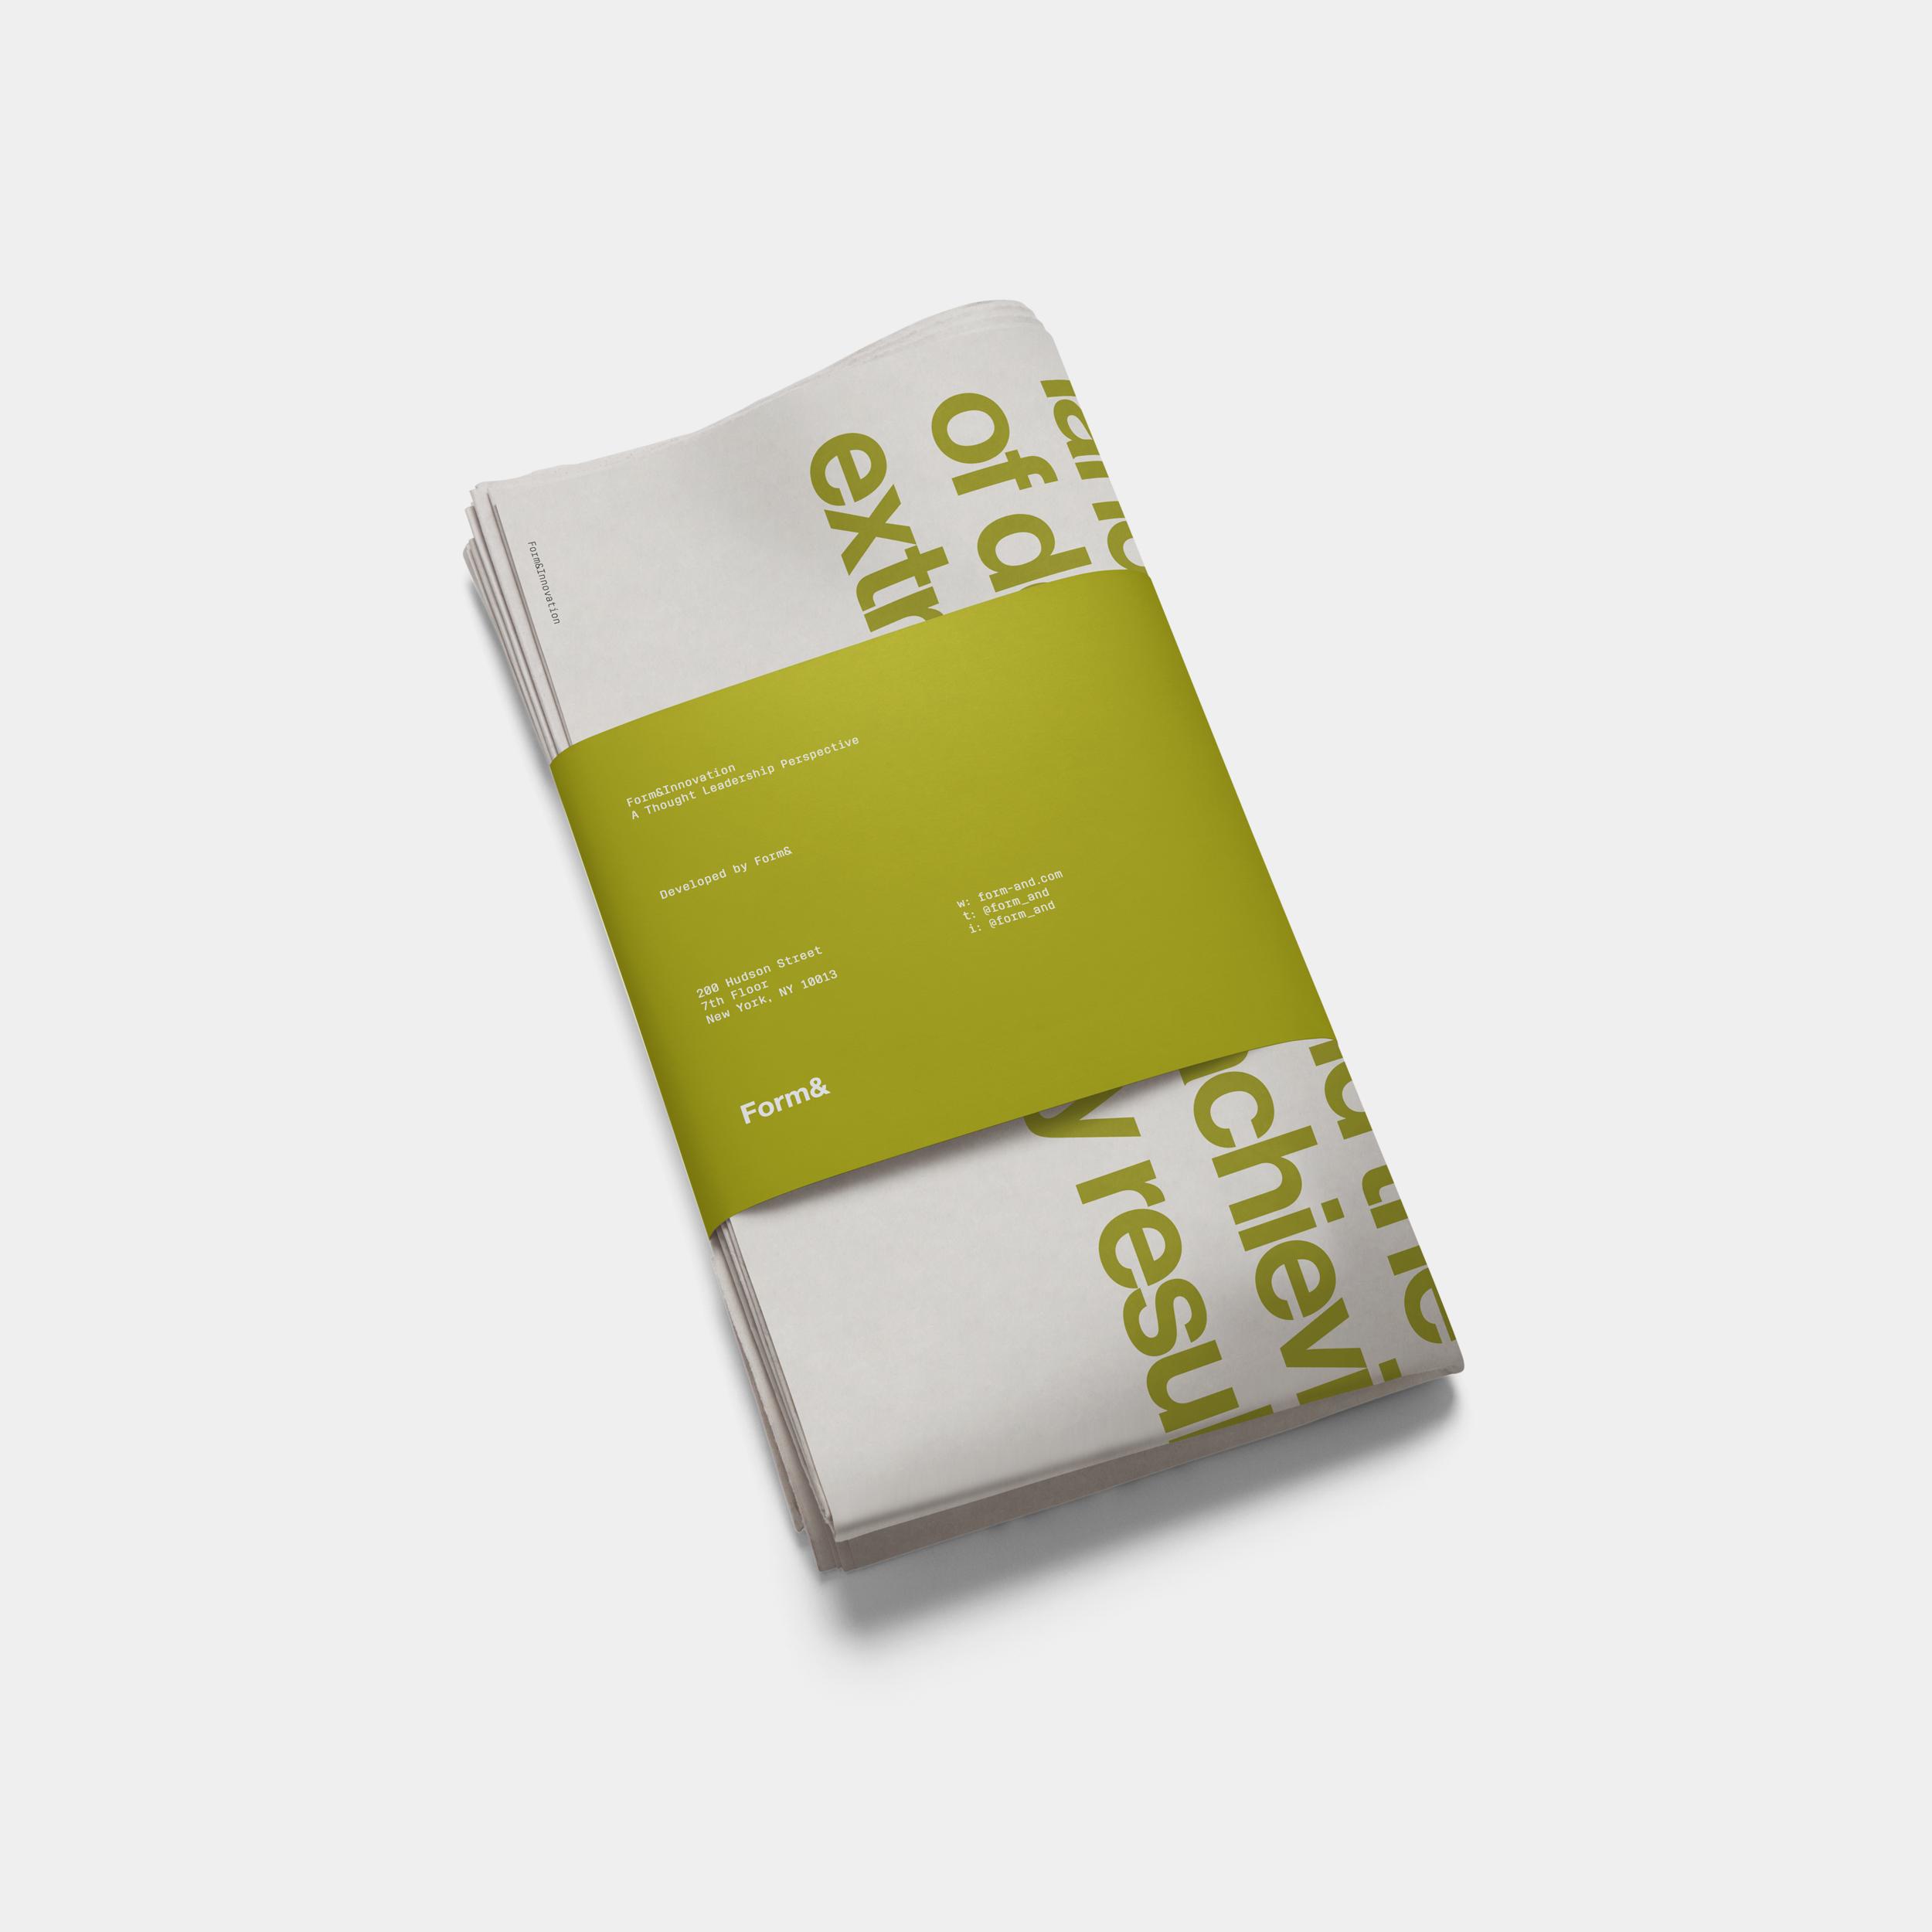 Design-Led Innovation, Jim Schachterle